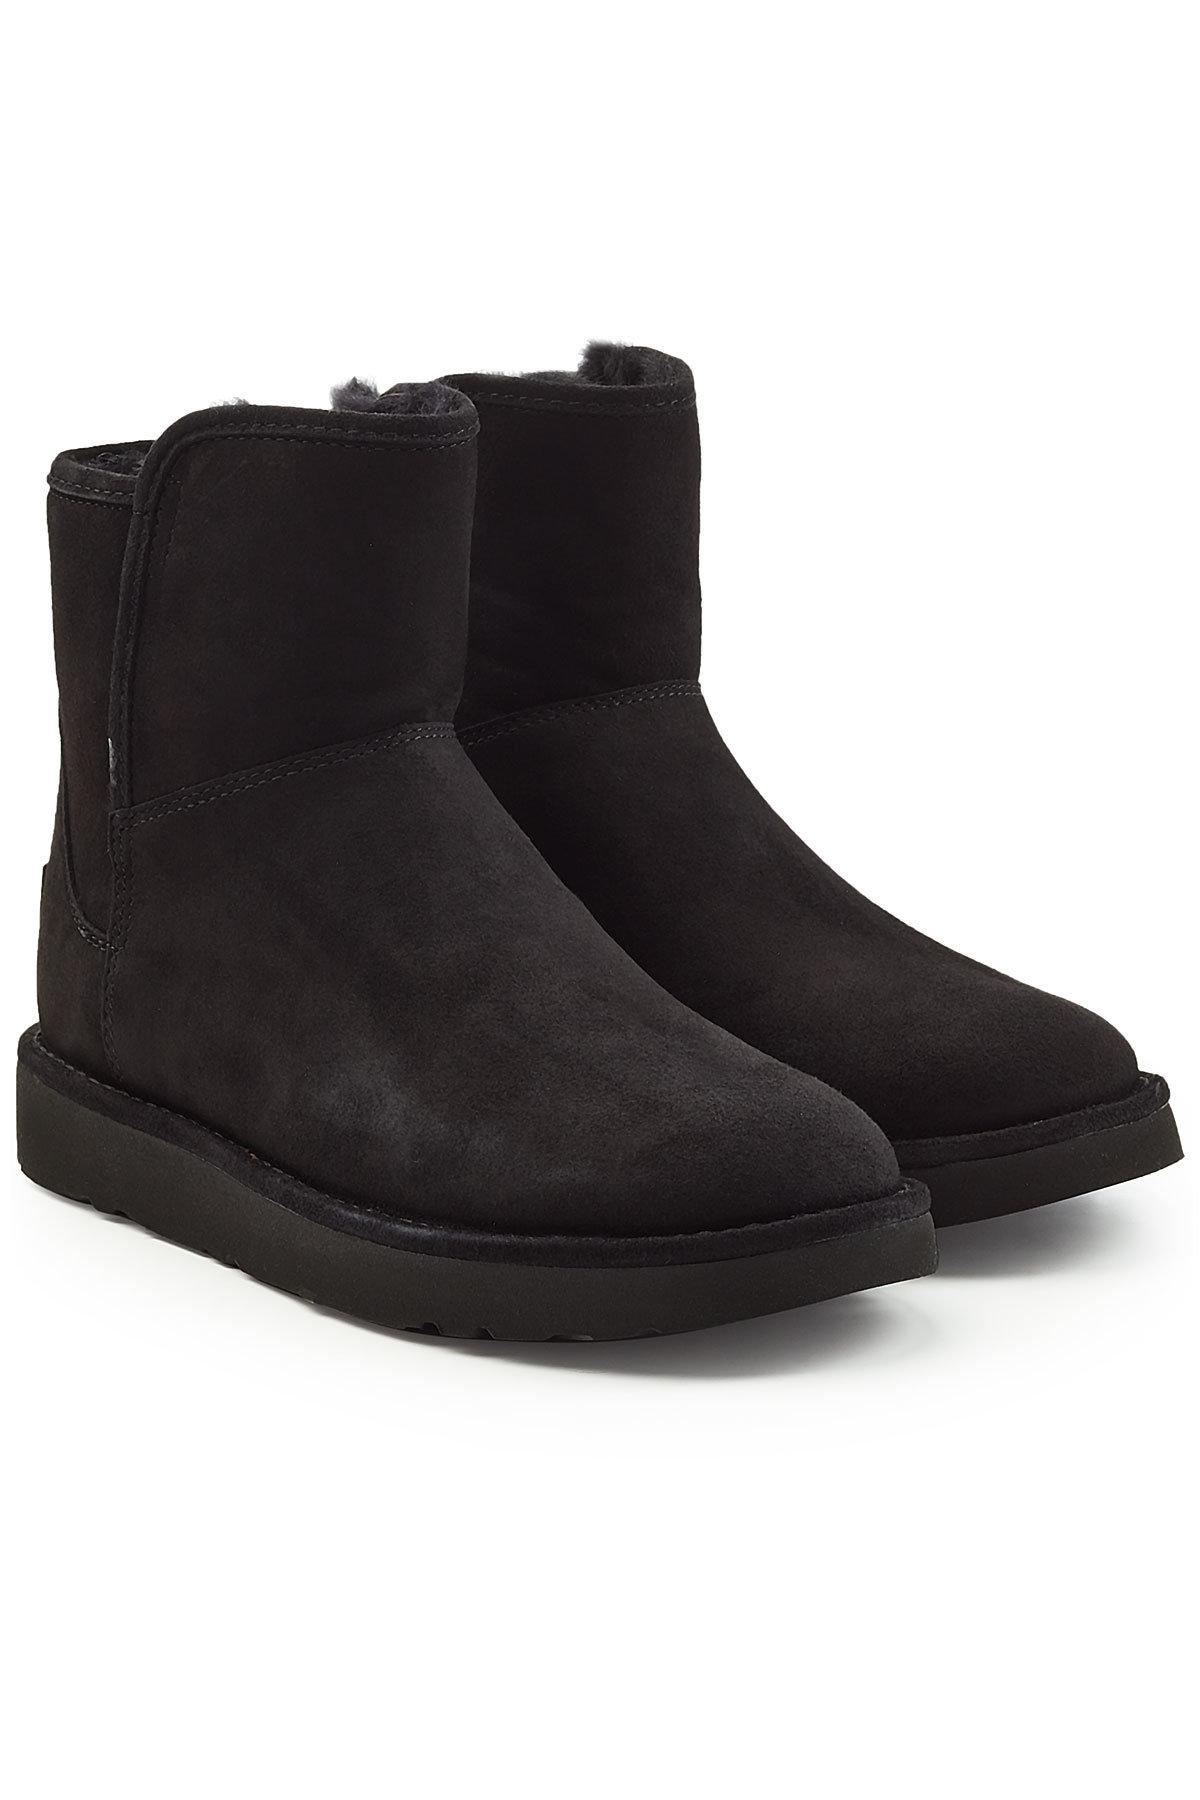 3064b89607f Ugg Abree Boots - Ivoiregion